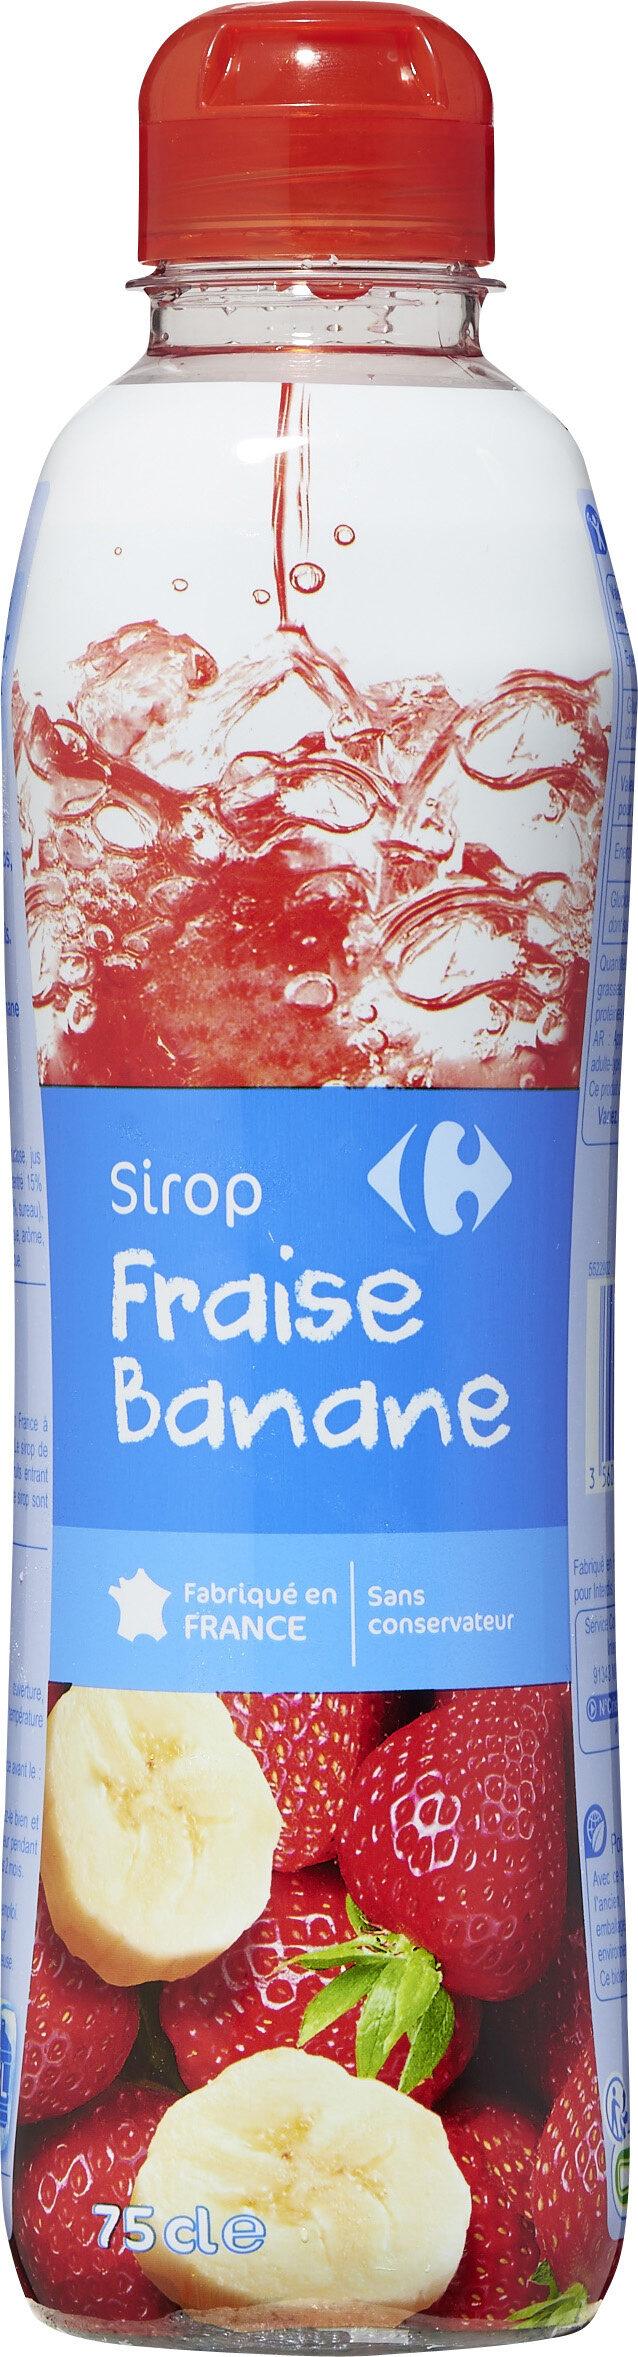 Fraise Banane - Prodotto - fr